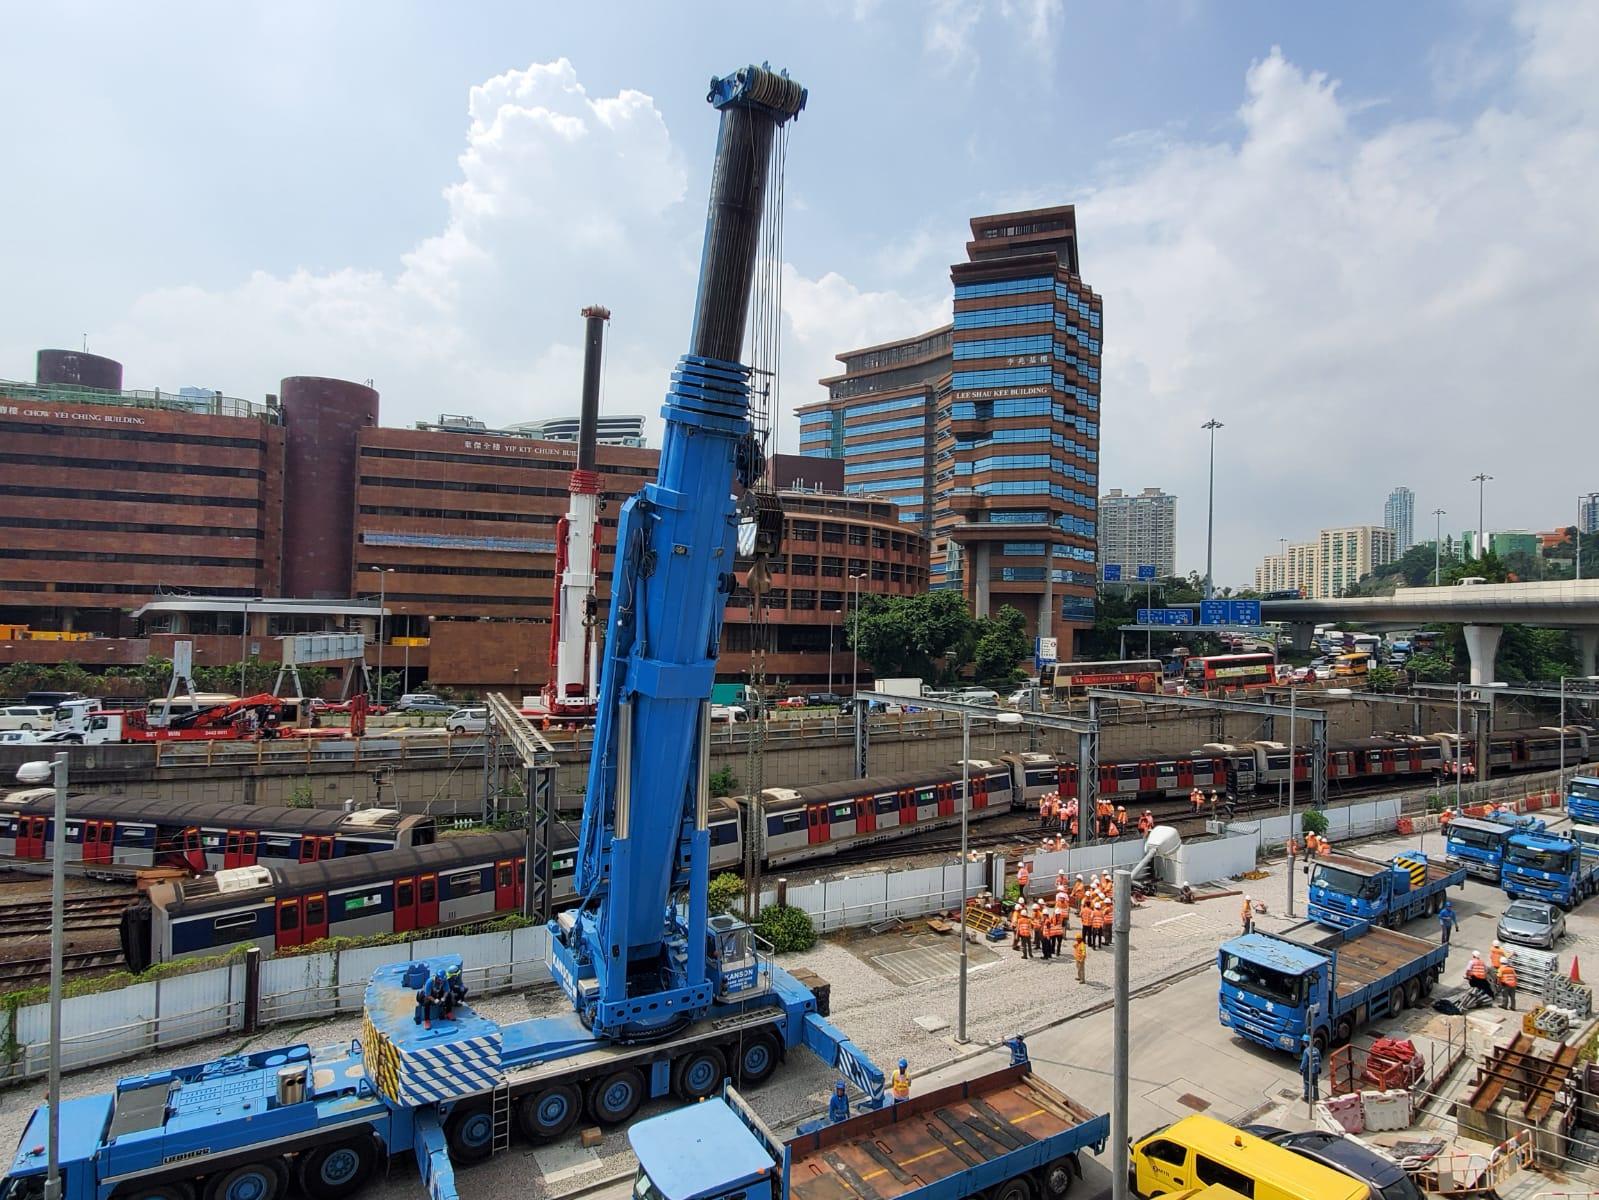 【港铁出轨】三卡车厢偏离路轨 刘天成:今日或未能恢復红磡至旺角东服务